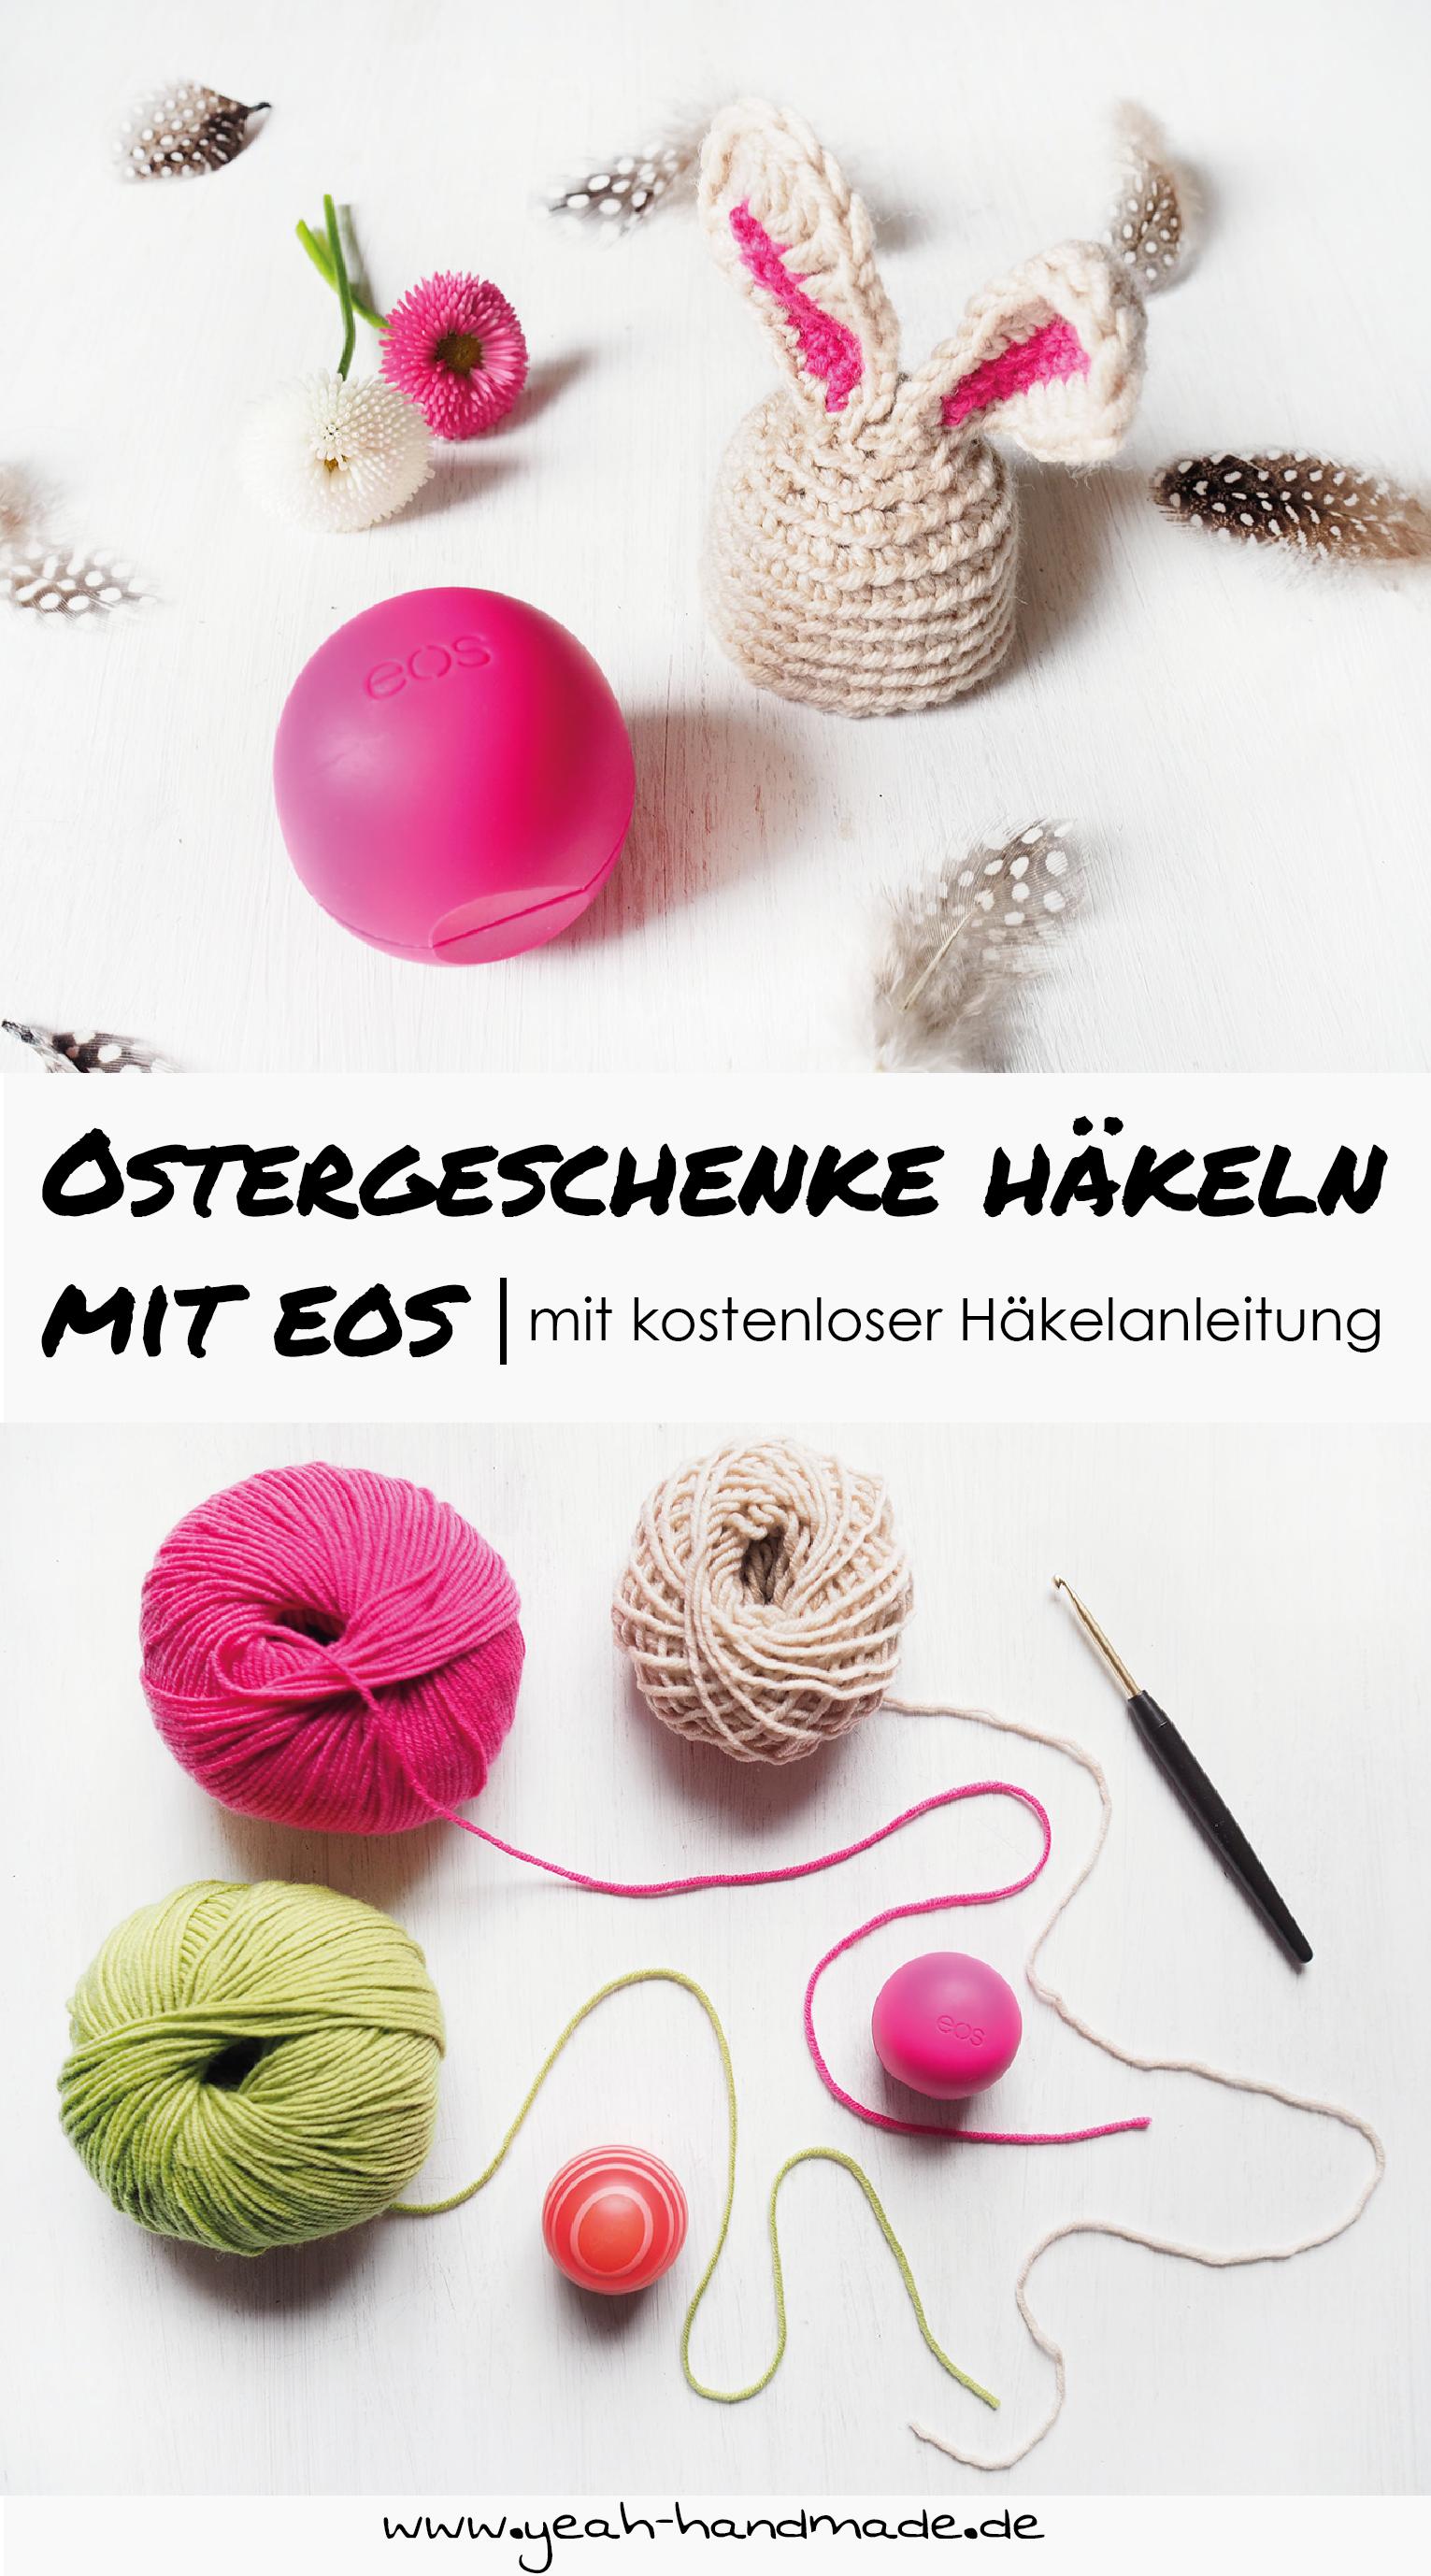 Anzeige Diy Ostergeschenke Häkeln Mit Eos Holiday Decorfood